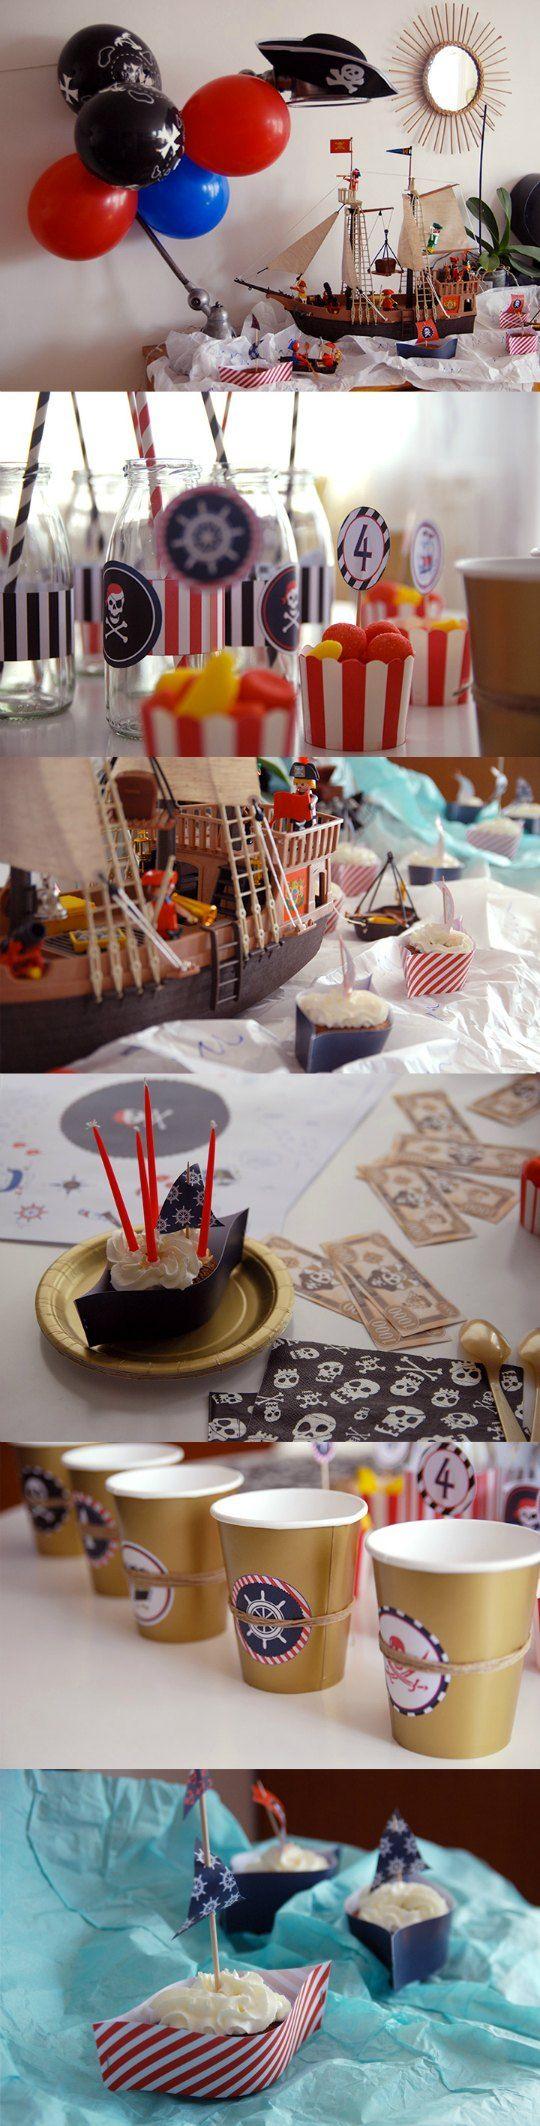 Cumpleaños Pirata para imprimir gratis : Compartimos un kit imprimible gratuito para que puedas decorar tu fiesta de temática pirata. Con este descargable podrás crear una bonita guirnalda. Tambié